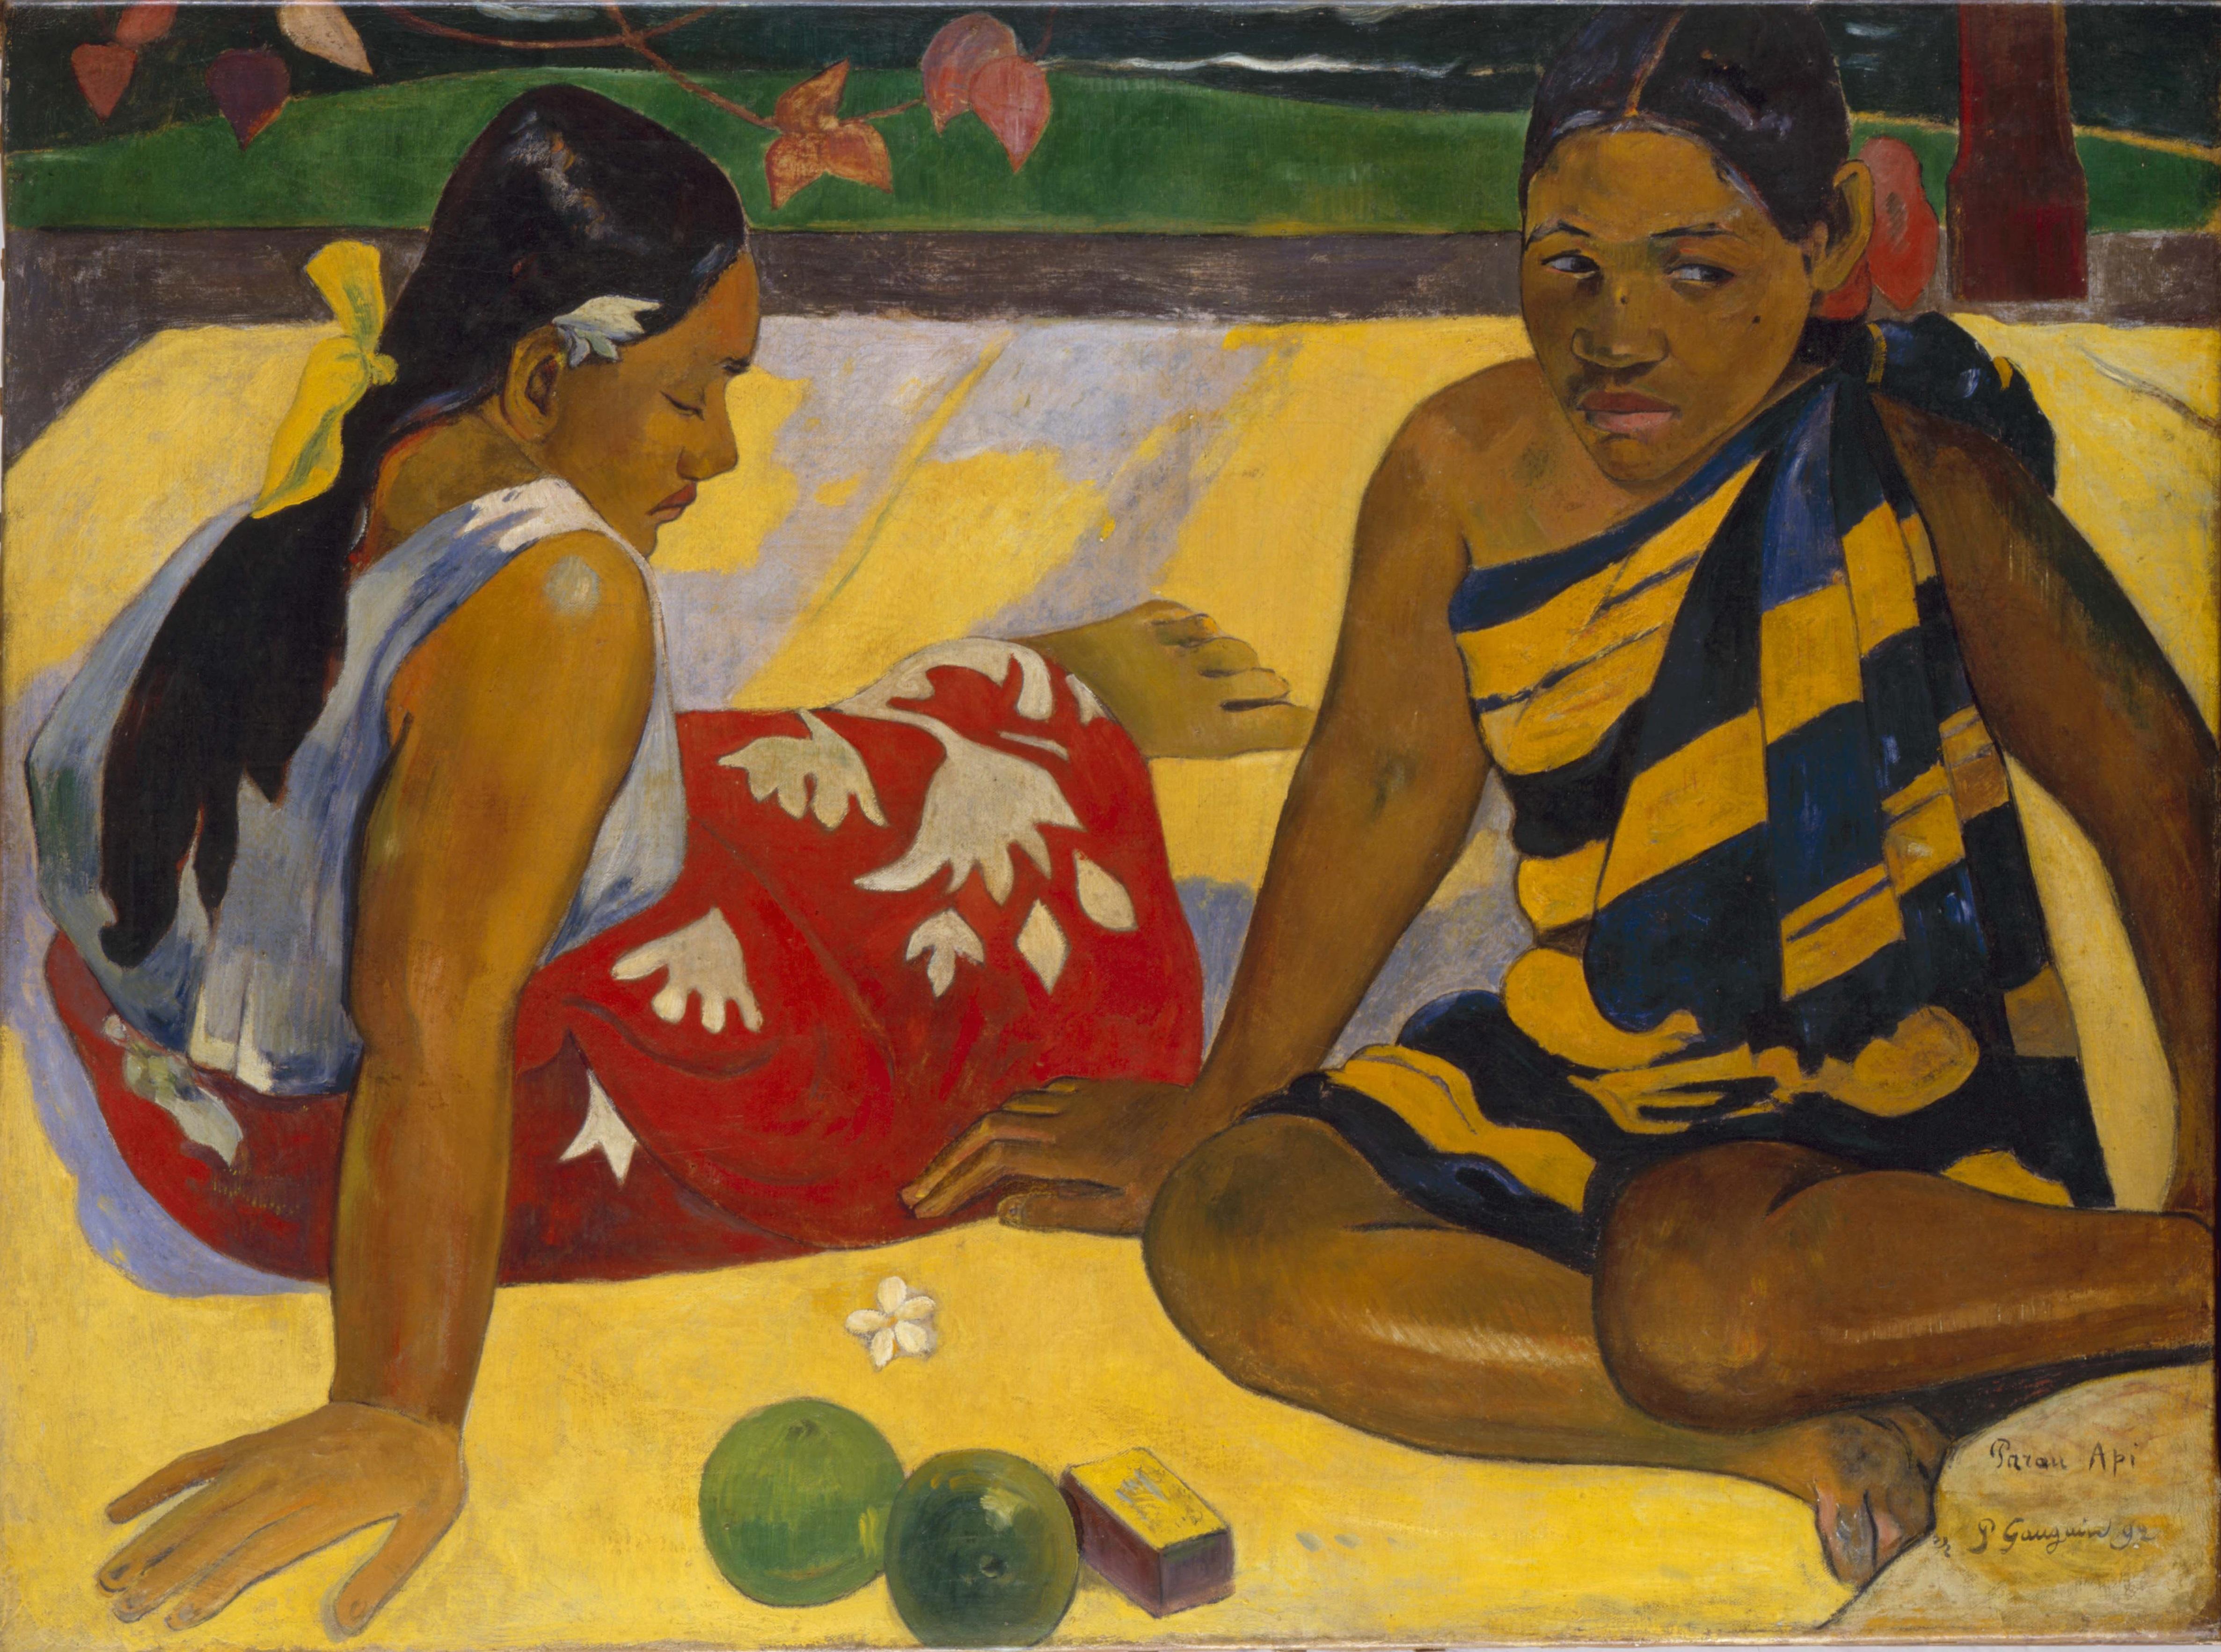 Parau Api by Paul Gauguin, 1892.